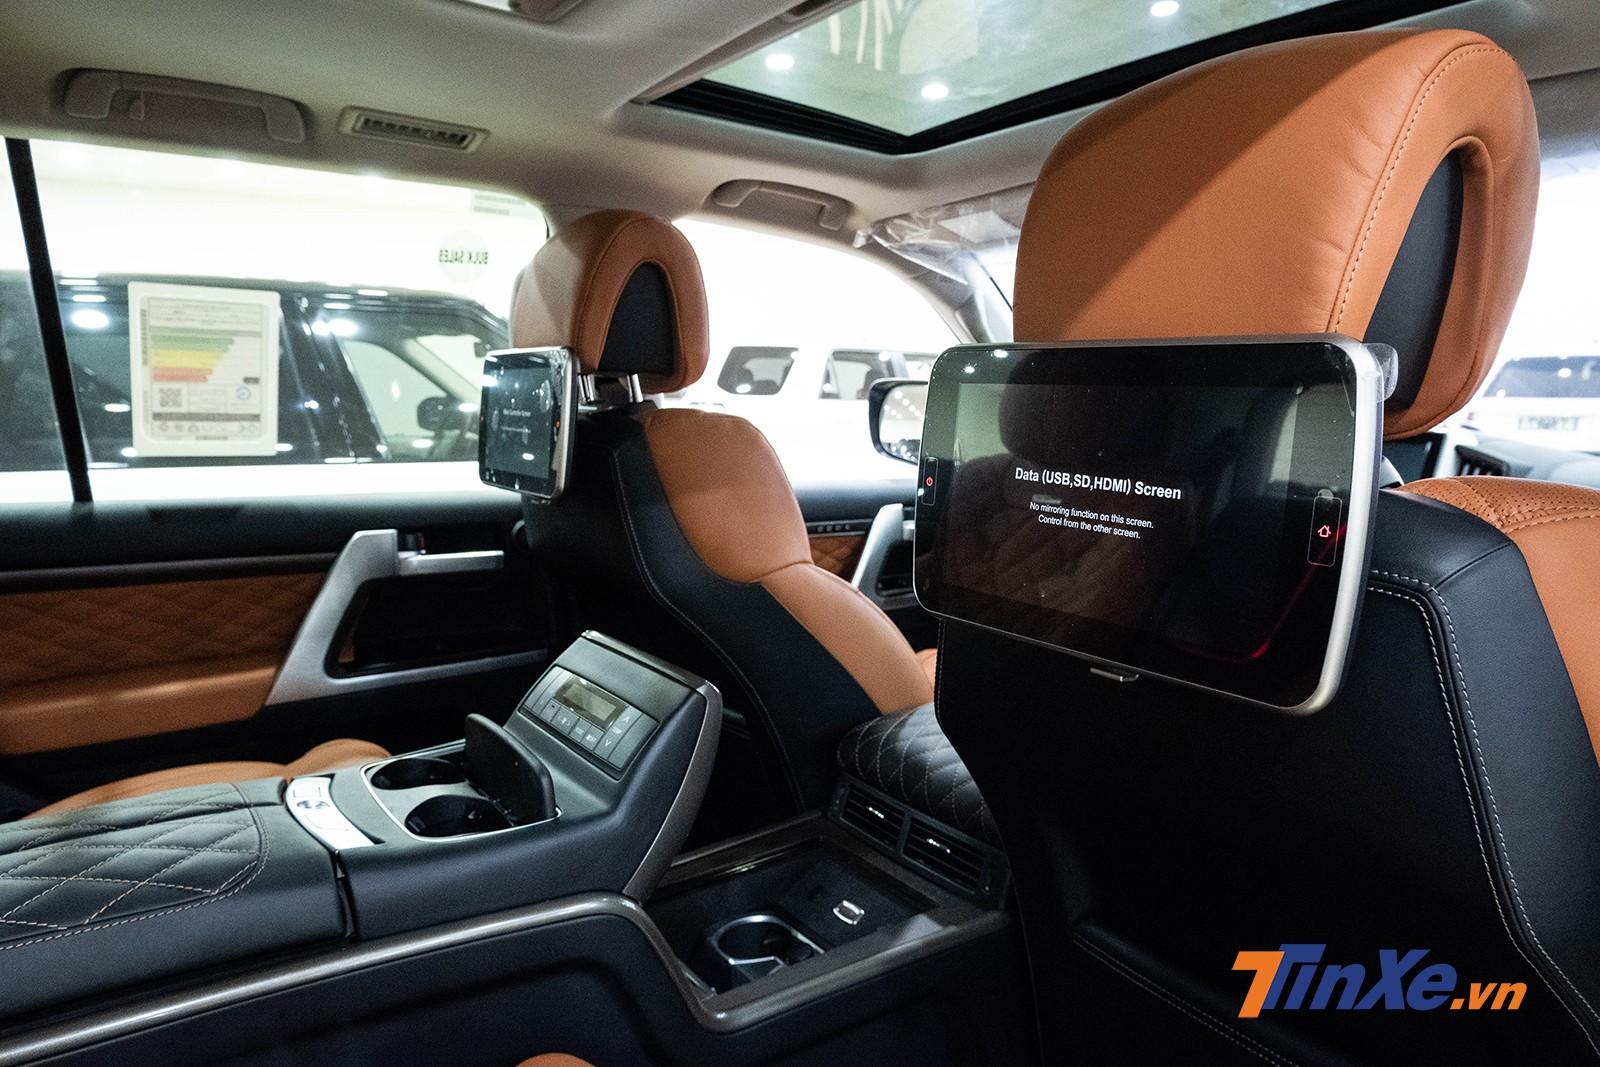 Ngoài ra, MBS còn lắp đặt thêm 2 màn hình LCD 11,6 inch sắc nét phục vụ cho nhu cầu giải trí của hàng ghế thứ 2